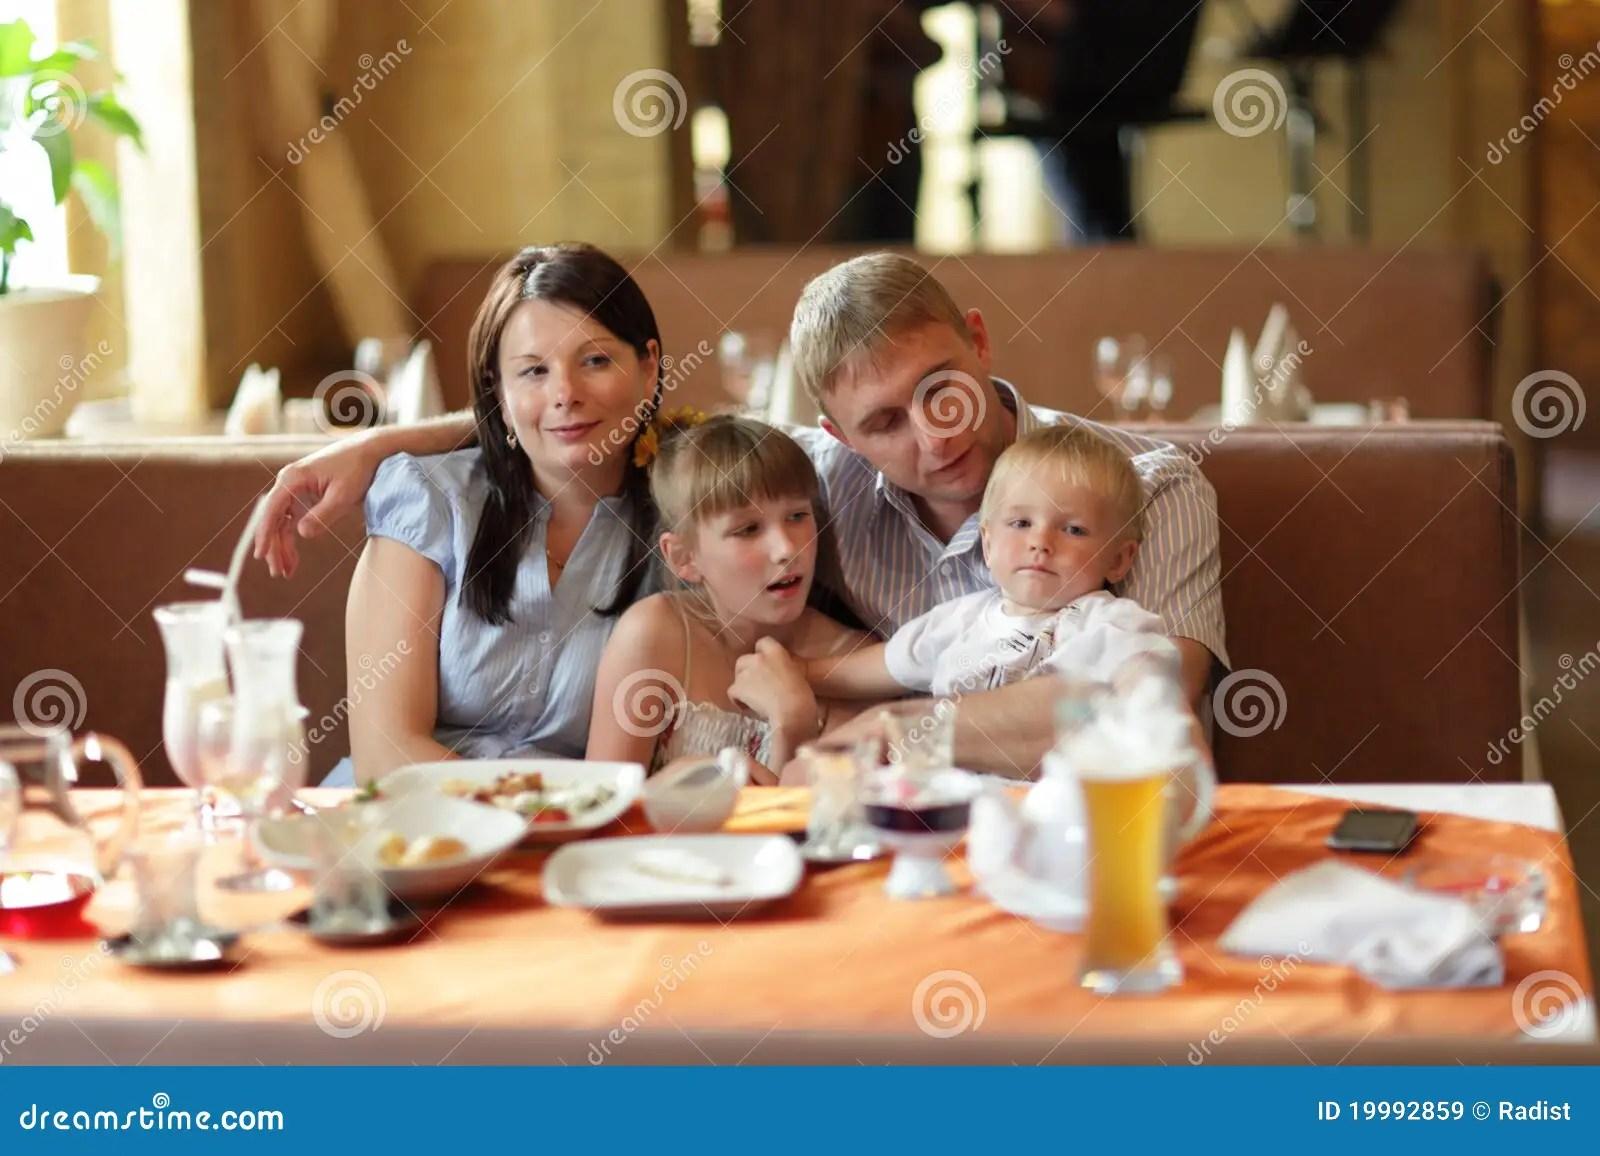 Family At Restaurant Stock Image Image Of Kids Girls